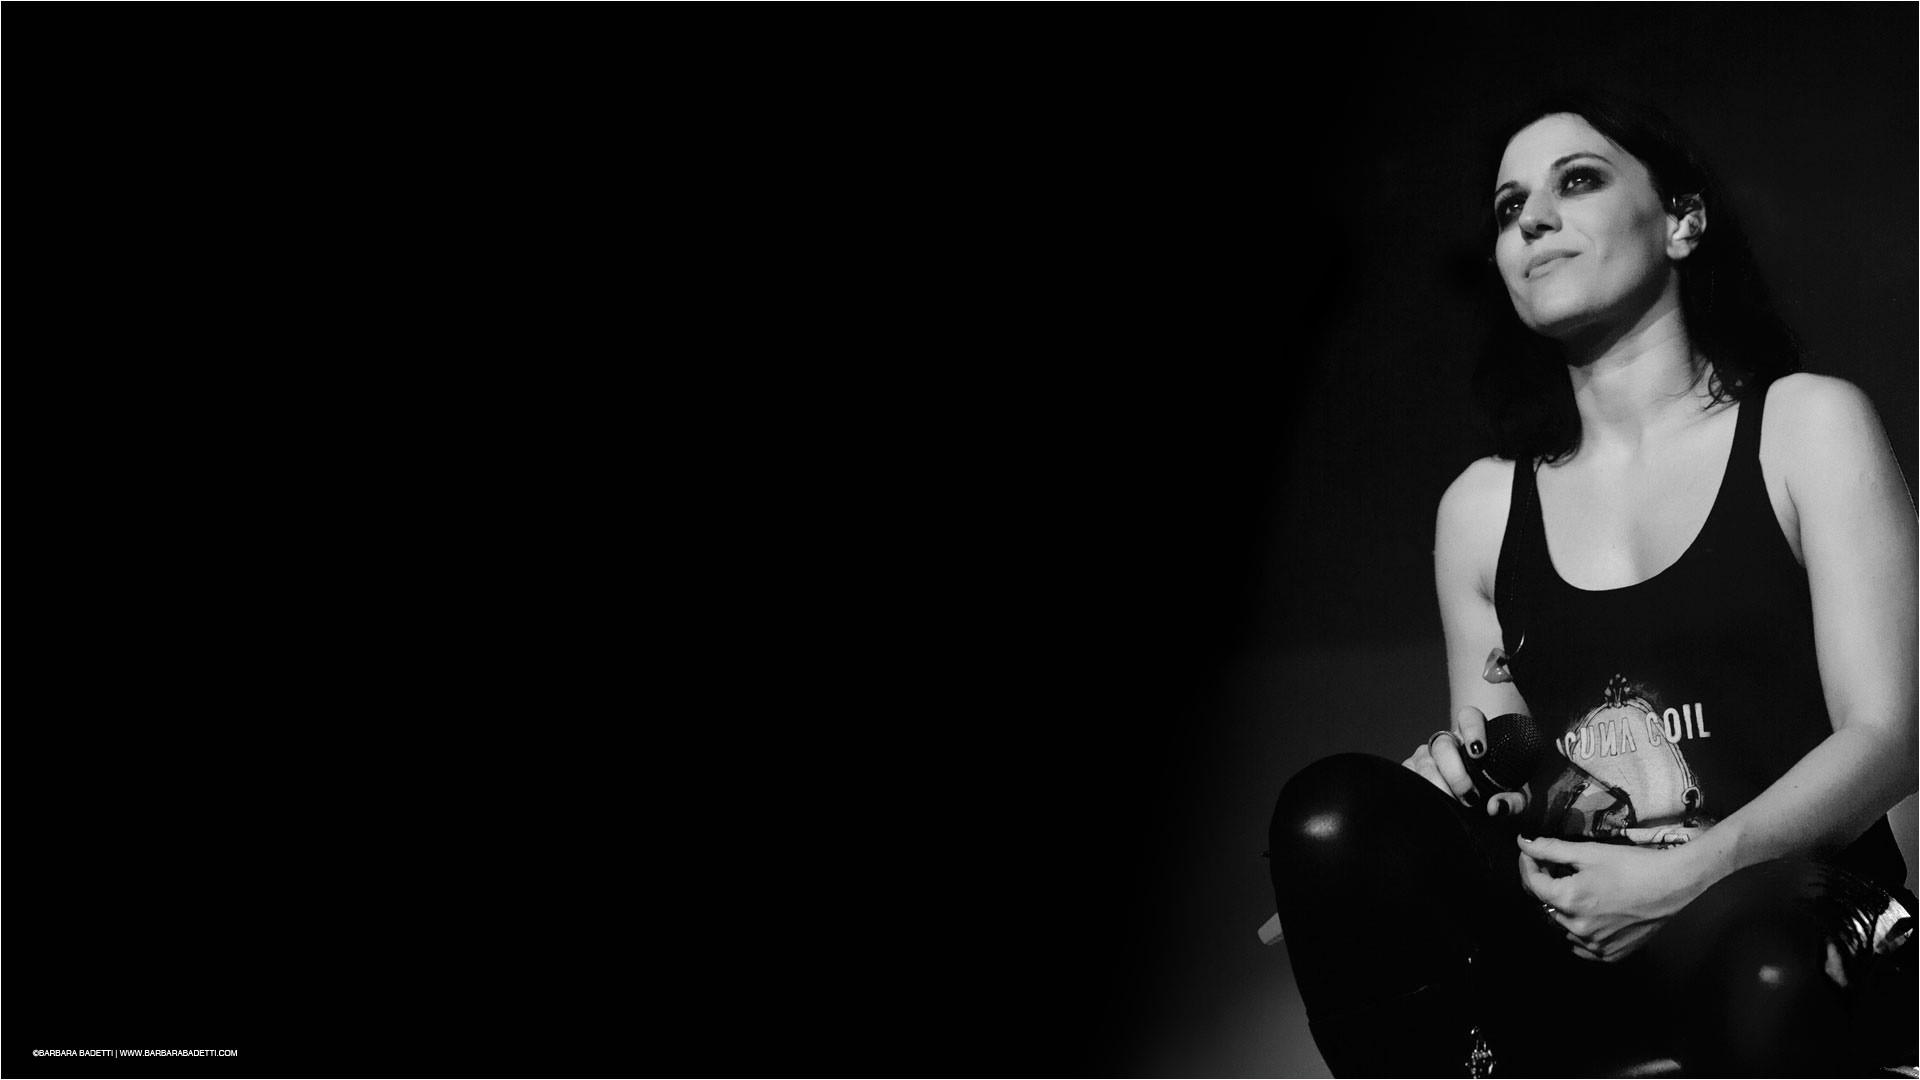 Res: 1920x1080, Lacuna Coil Dark Legacy tour 2012 - Cristina Scabbia